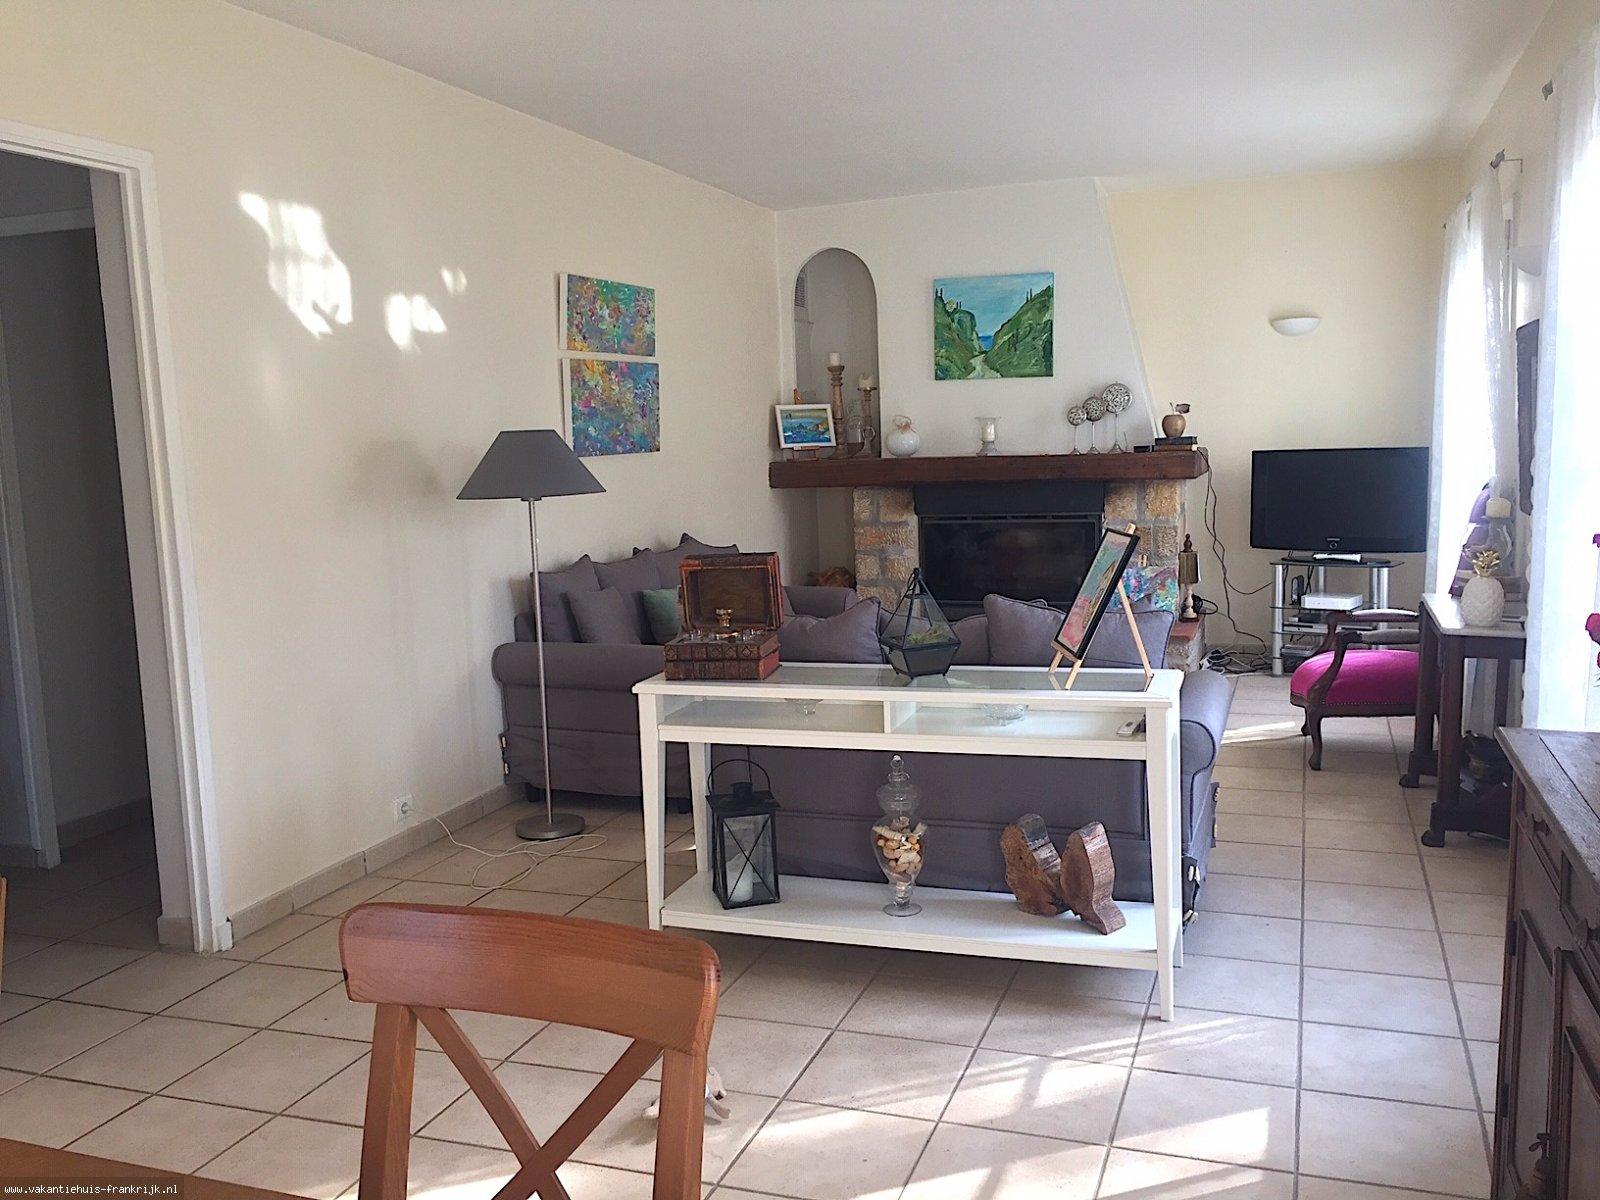 Vakantiehuis: Flexibel te boeken: Villa Paradis, een aangenaam 6-persoons huis in het centrum van Cotignac mét tuin en privé zwembad. te huur voor uw vakantie in Var (Frankrijk)